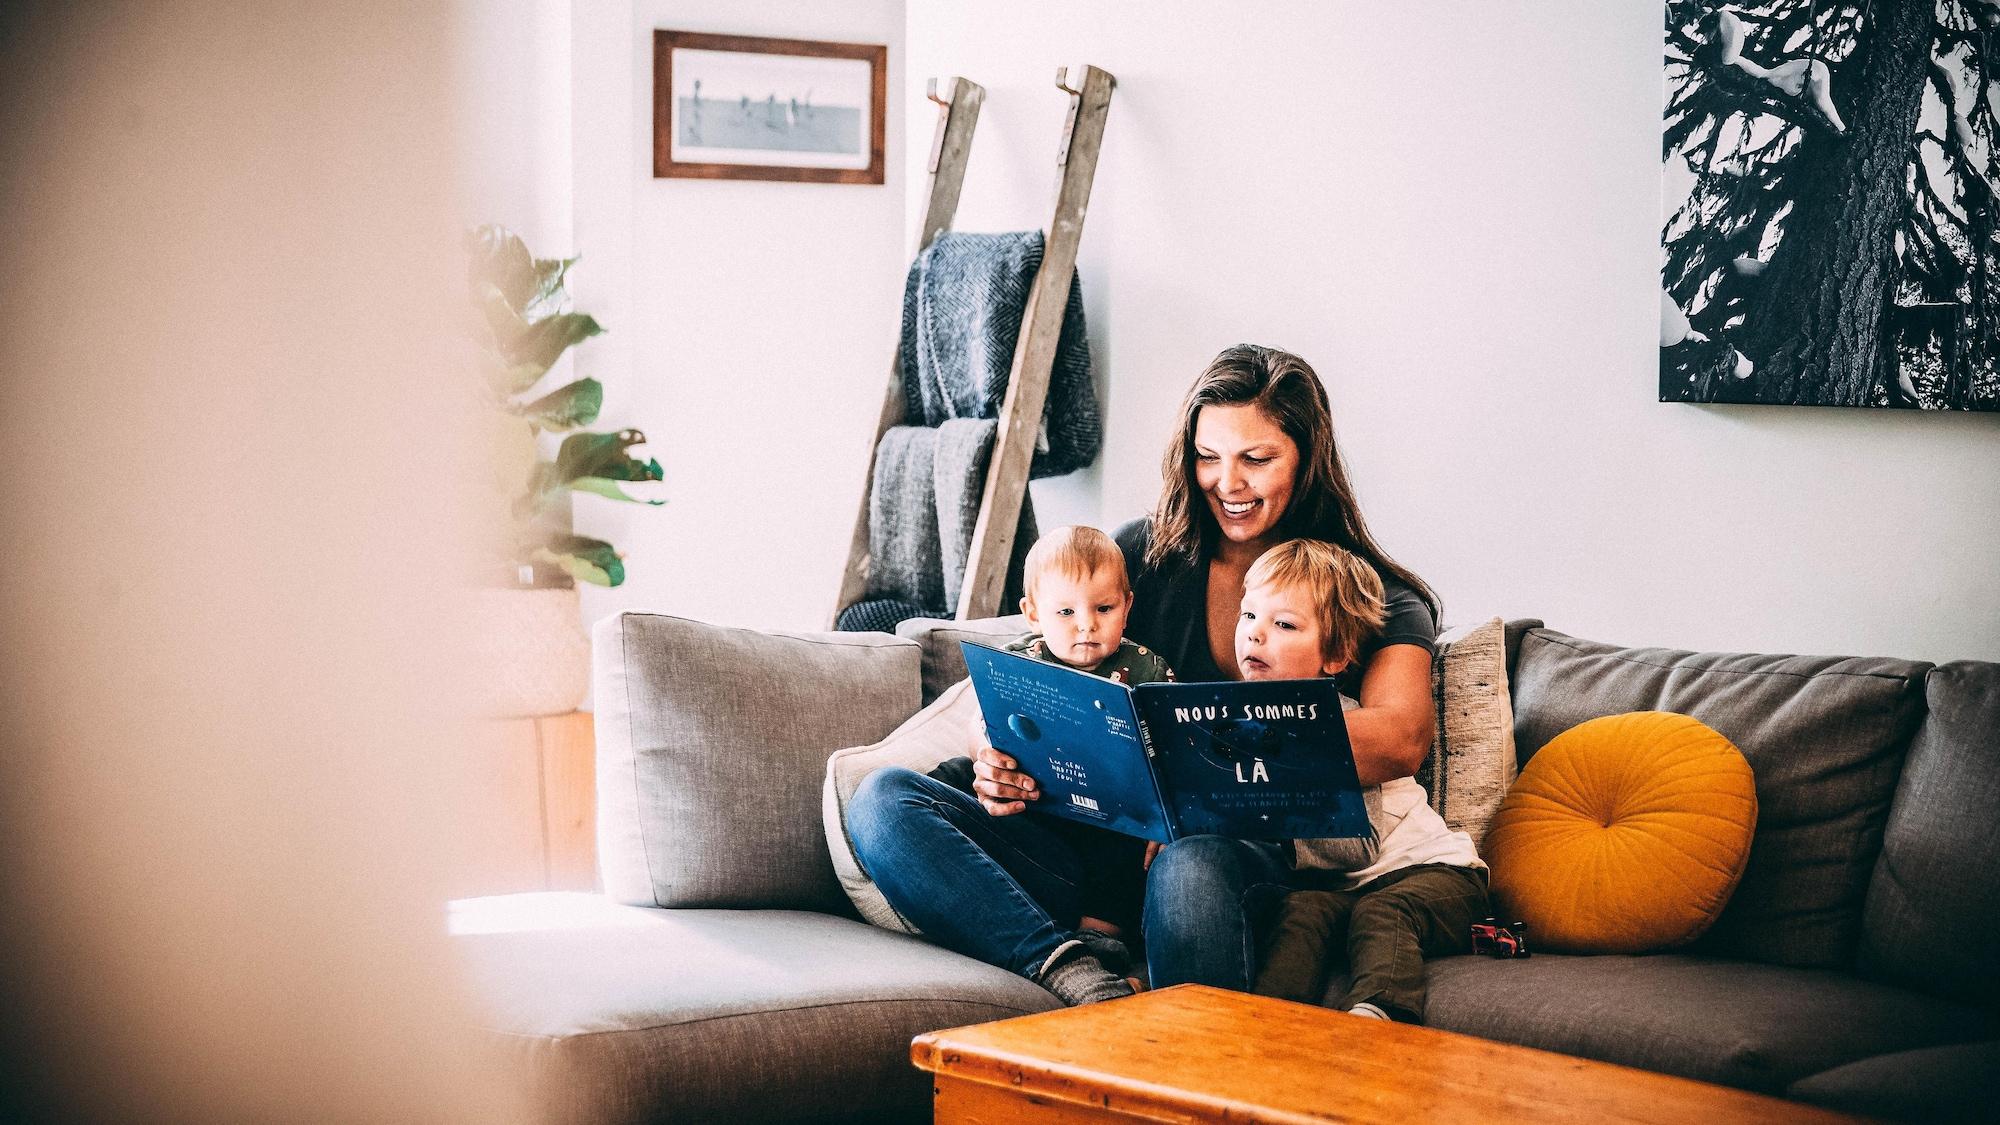 Elle leur lit un livre.